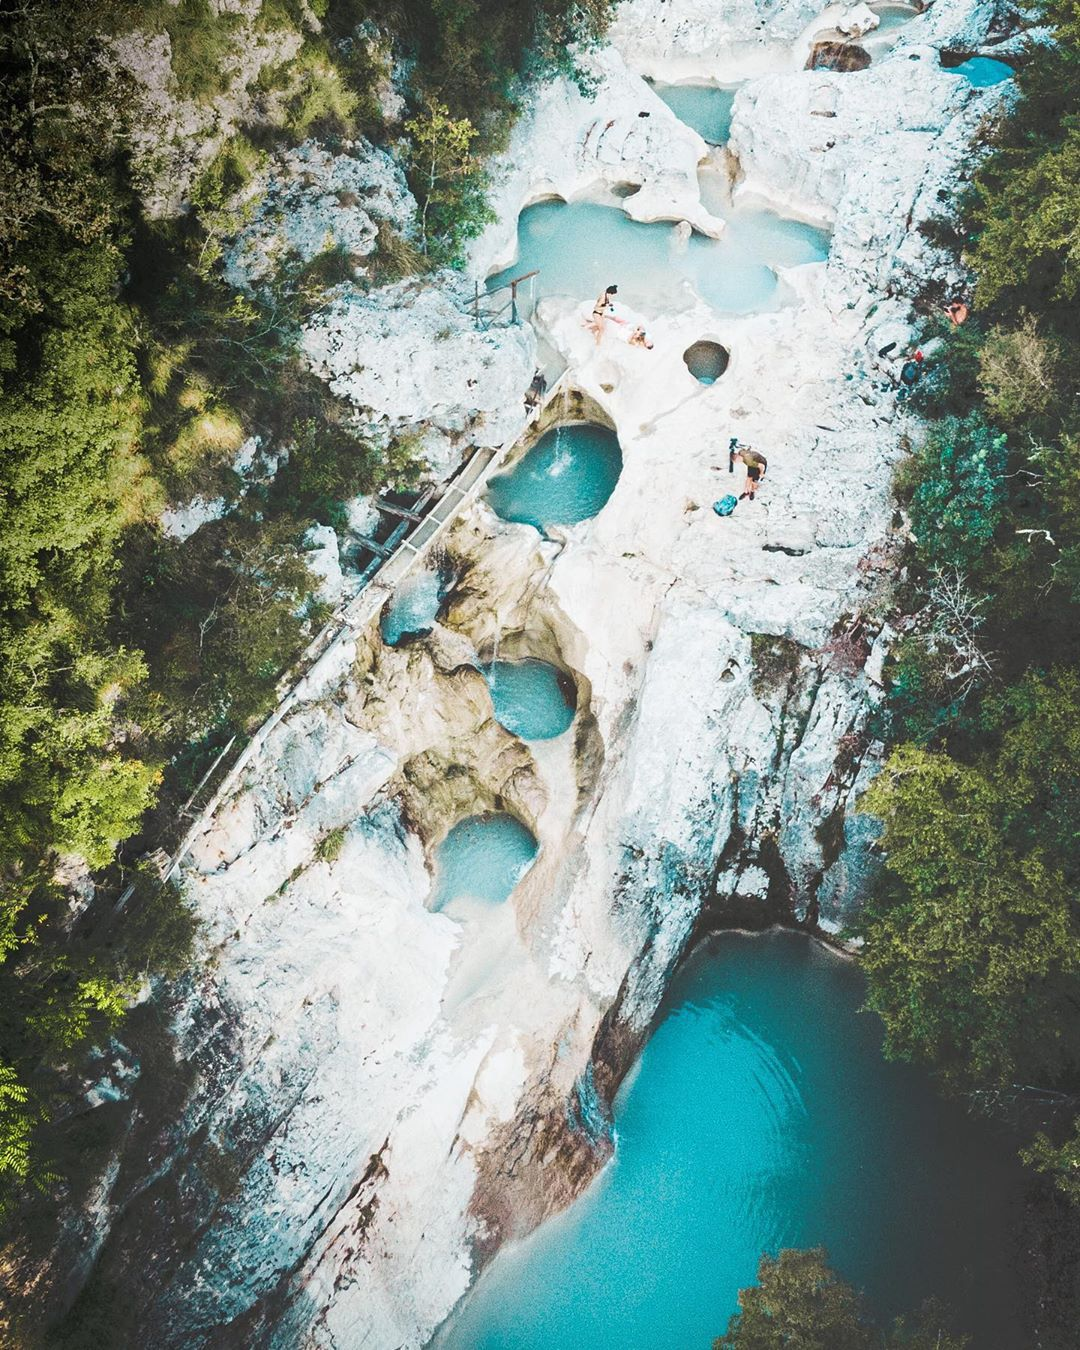 Nestvarni Kotli: Malo mjesto u unutrašnjosti Istre koje očarava tirkiznim slapovima i prirodnim bazenima